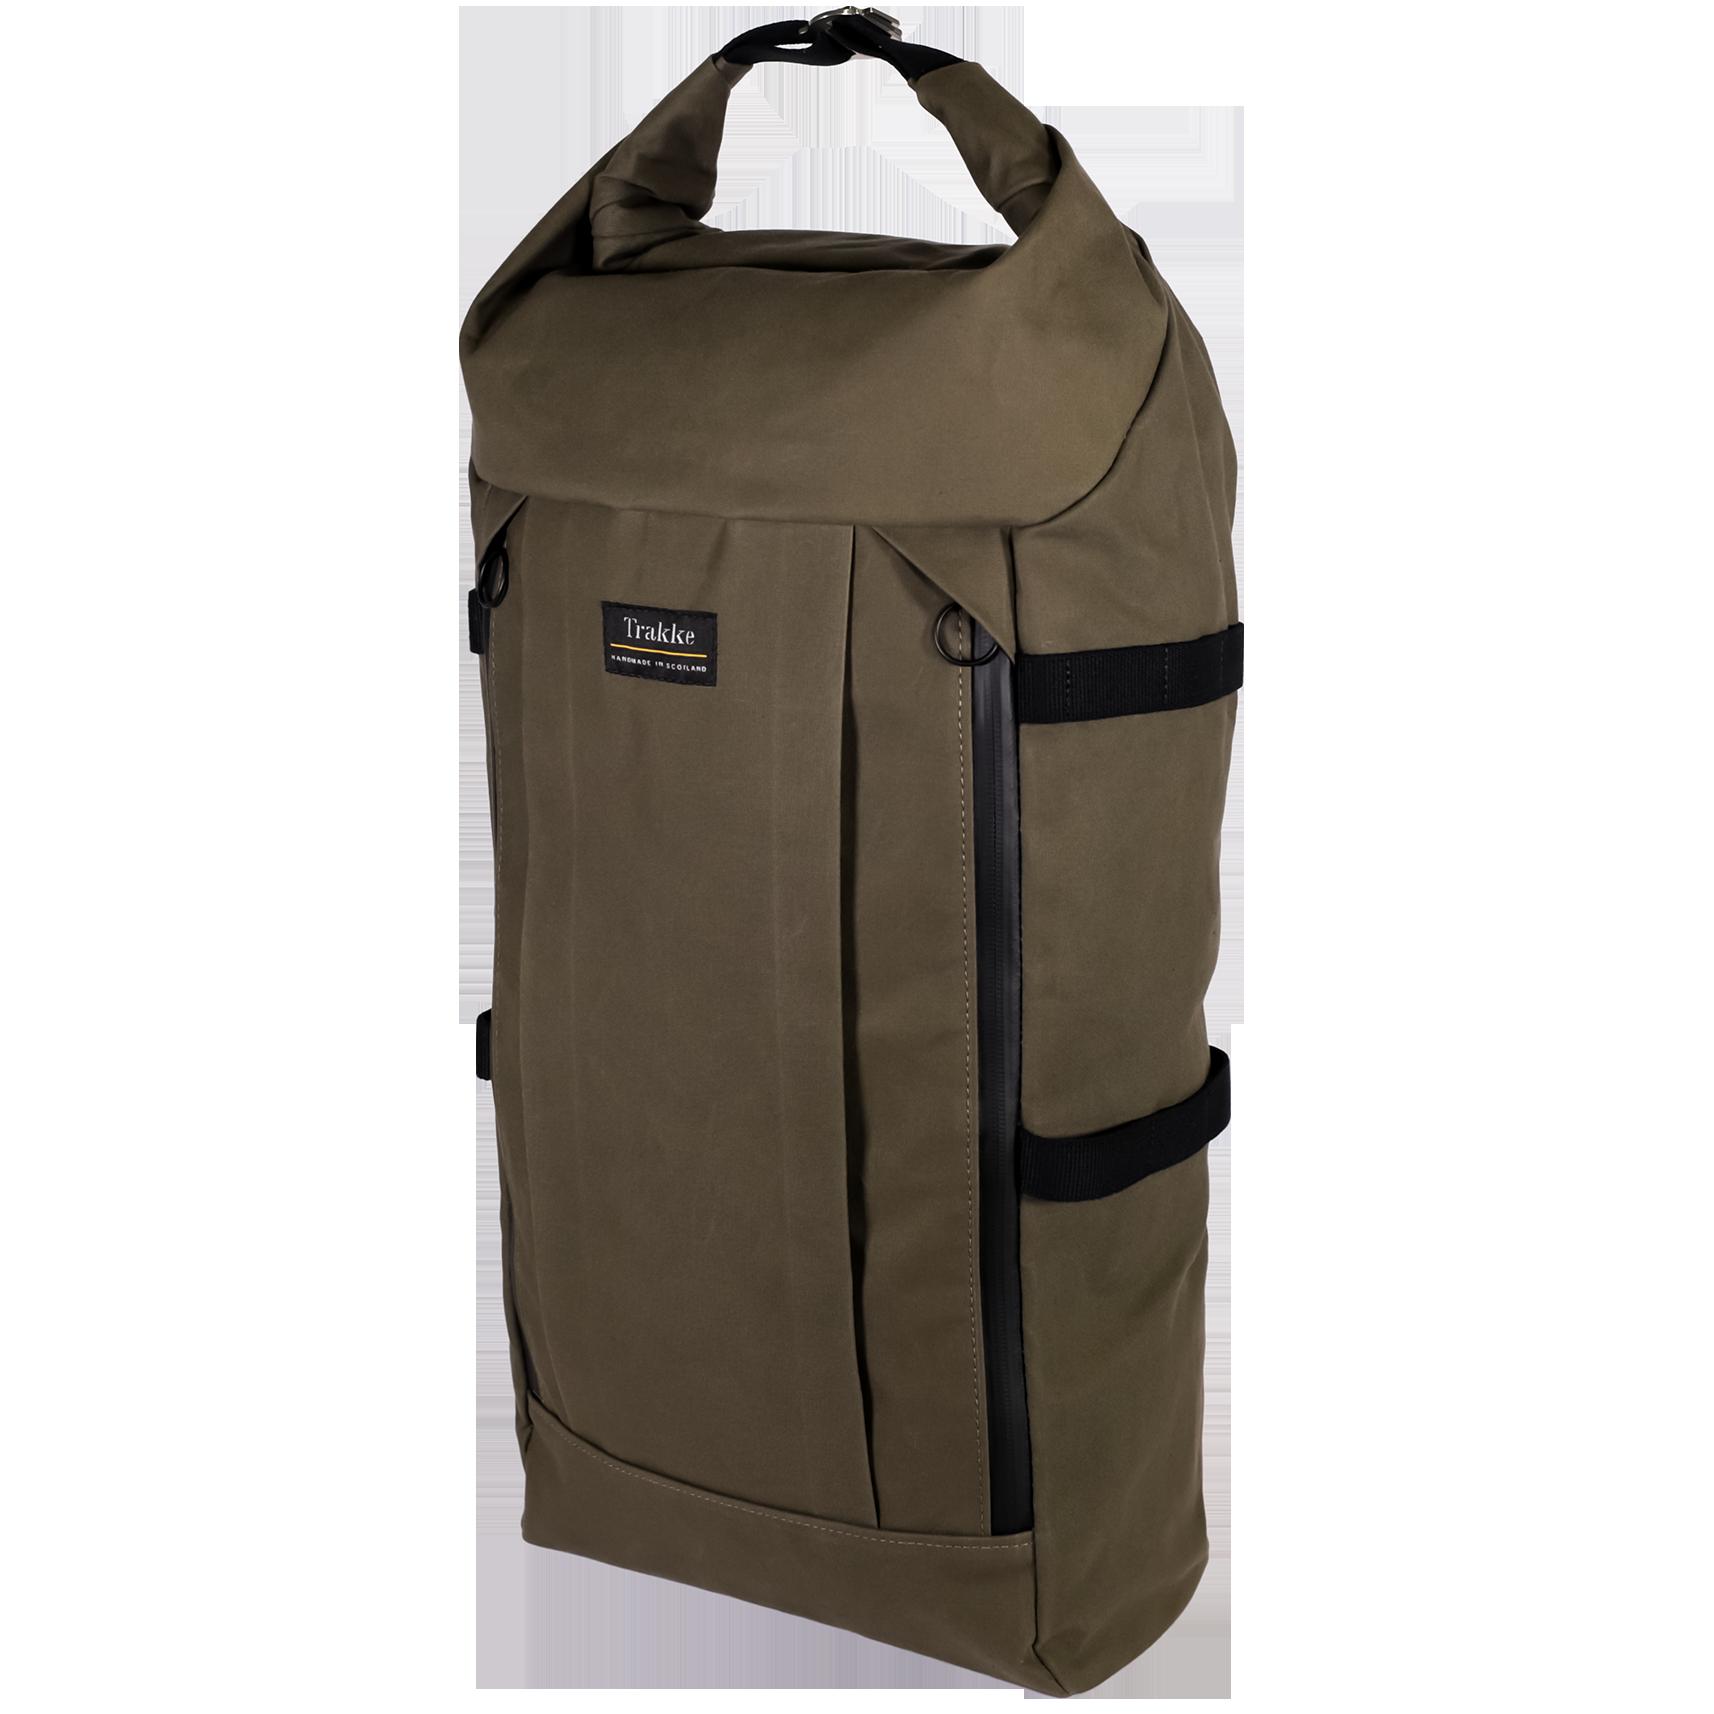 Vorlich Backpack Backpacks Waxed Canvas Backpack Rolltop Backpack